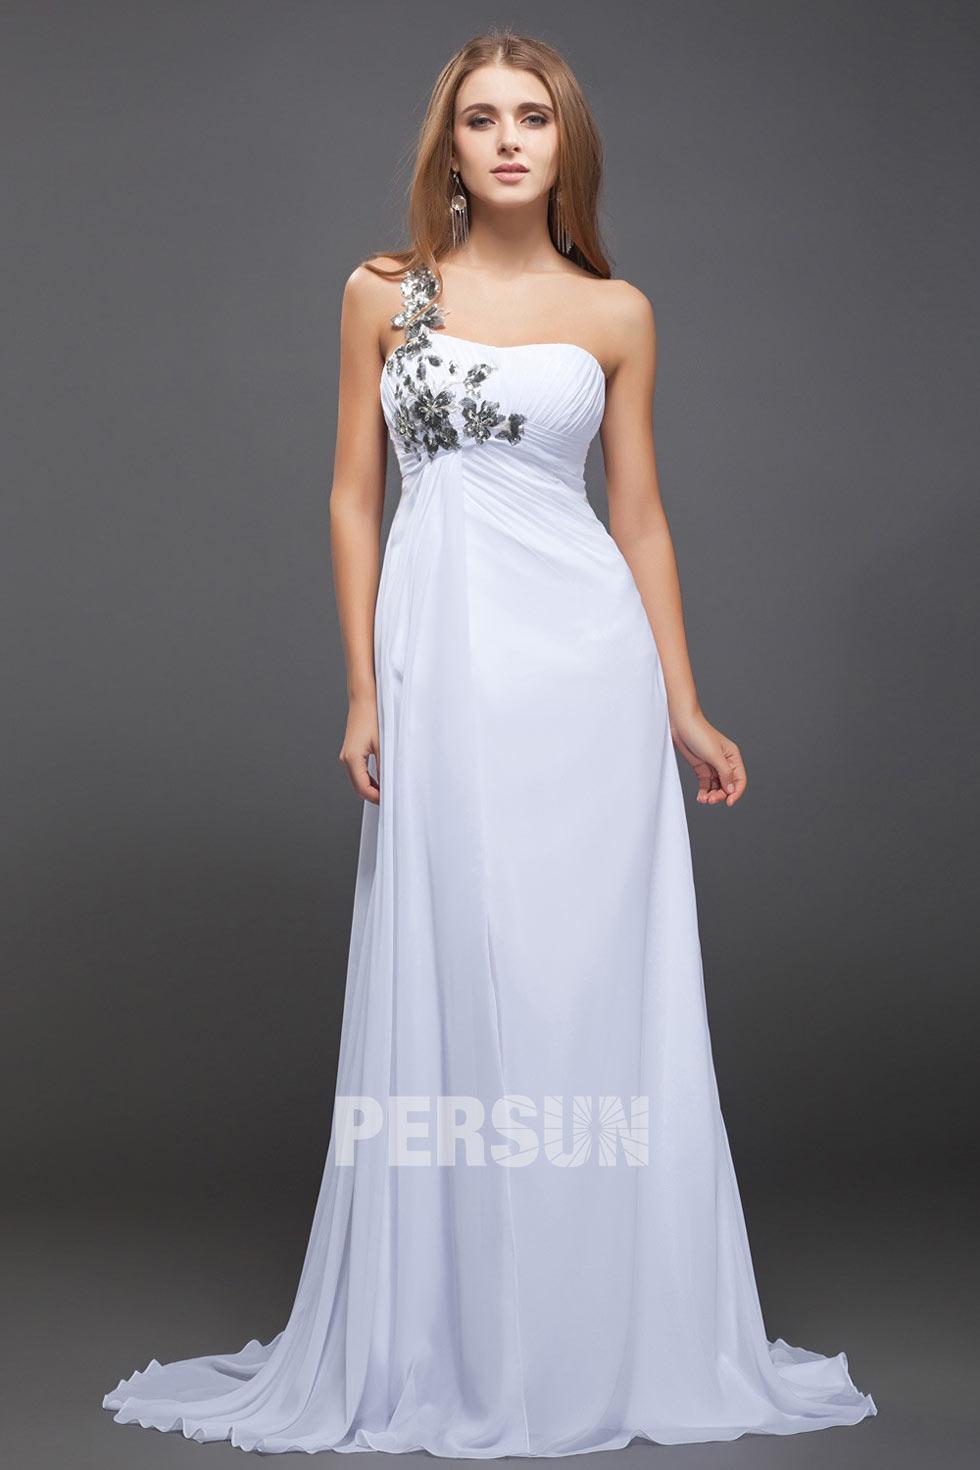 robe de soirée longue asymétrique blanche longue ornée de fleurs